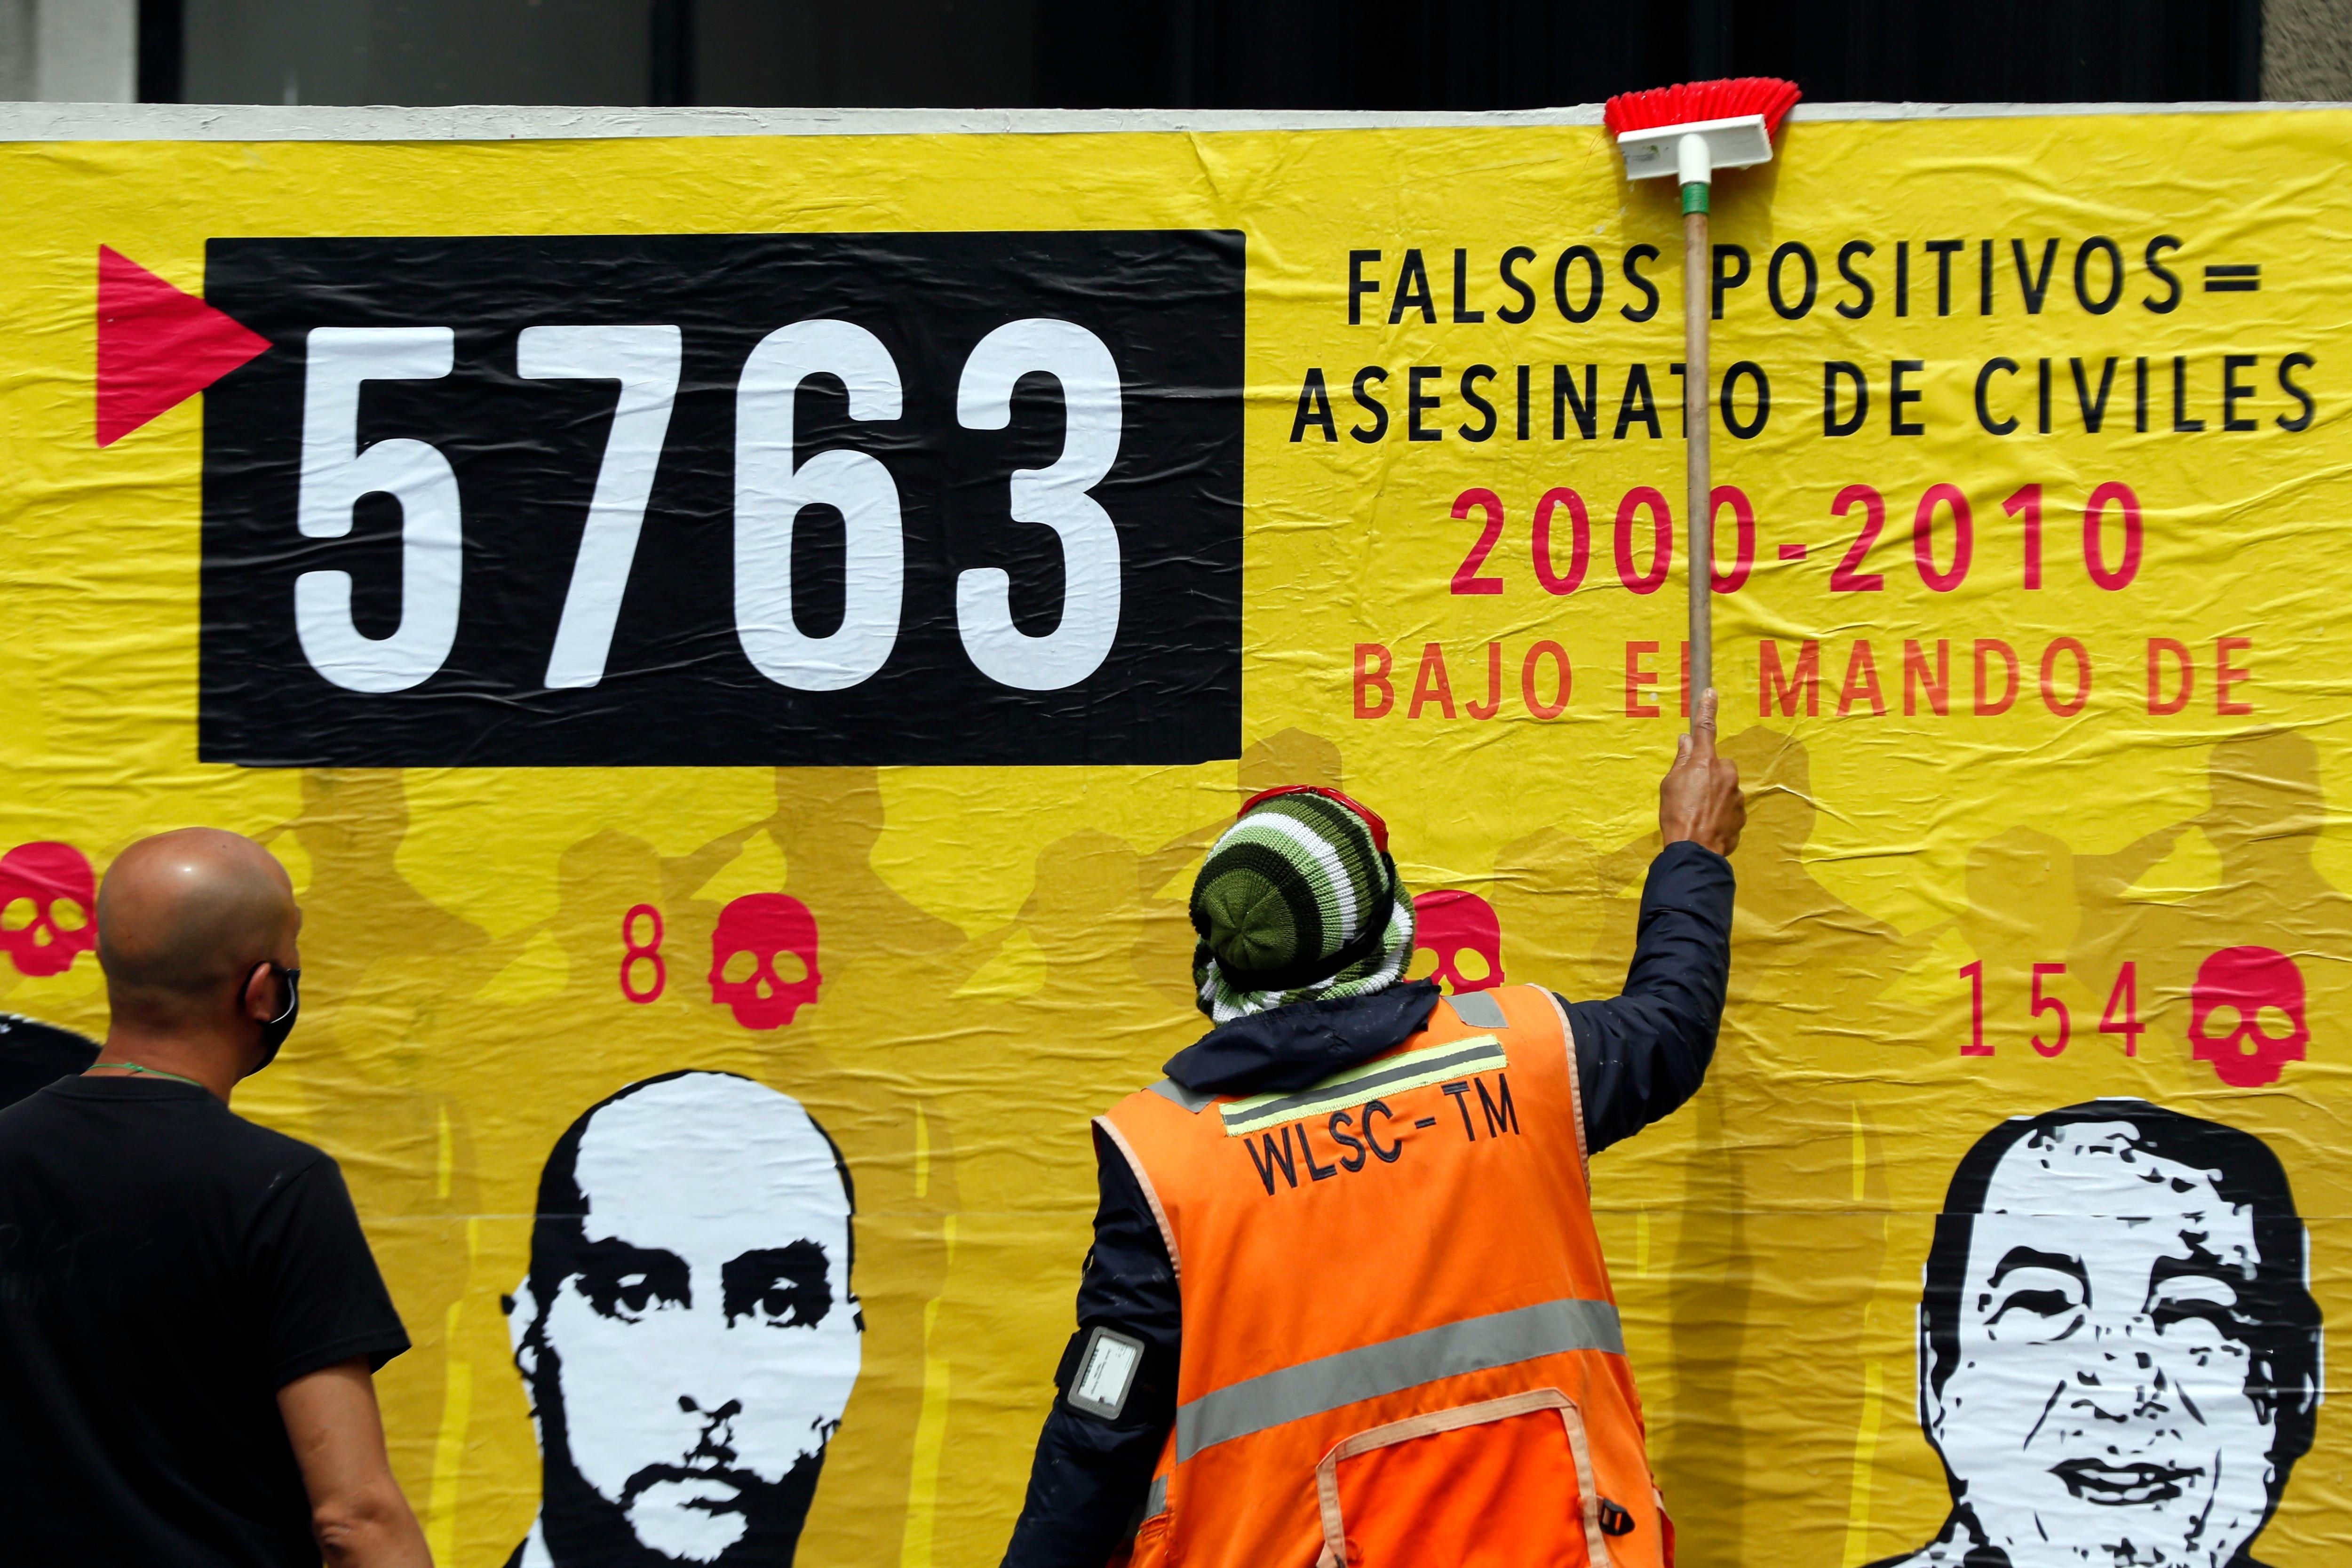 Personas participan en la elaboración de un mural sobre los falsos positivos, en Bogotá (Colombia). EFE/ Carlos Ortega/Archivo